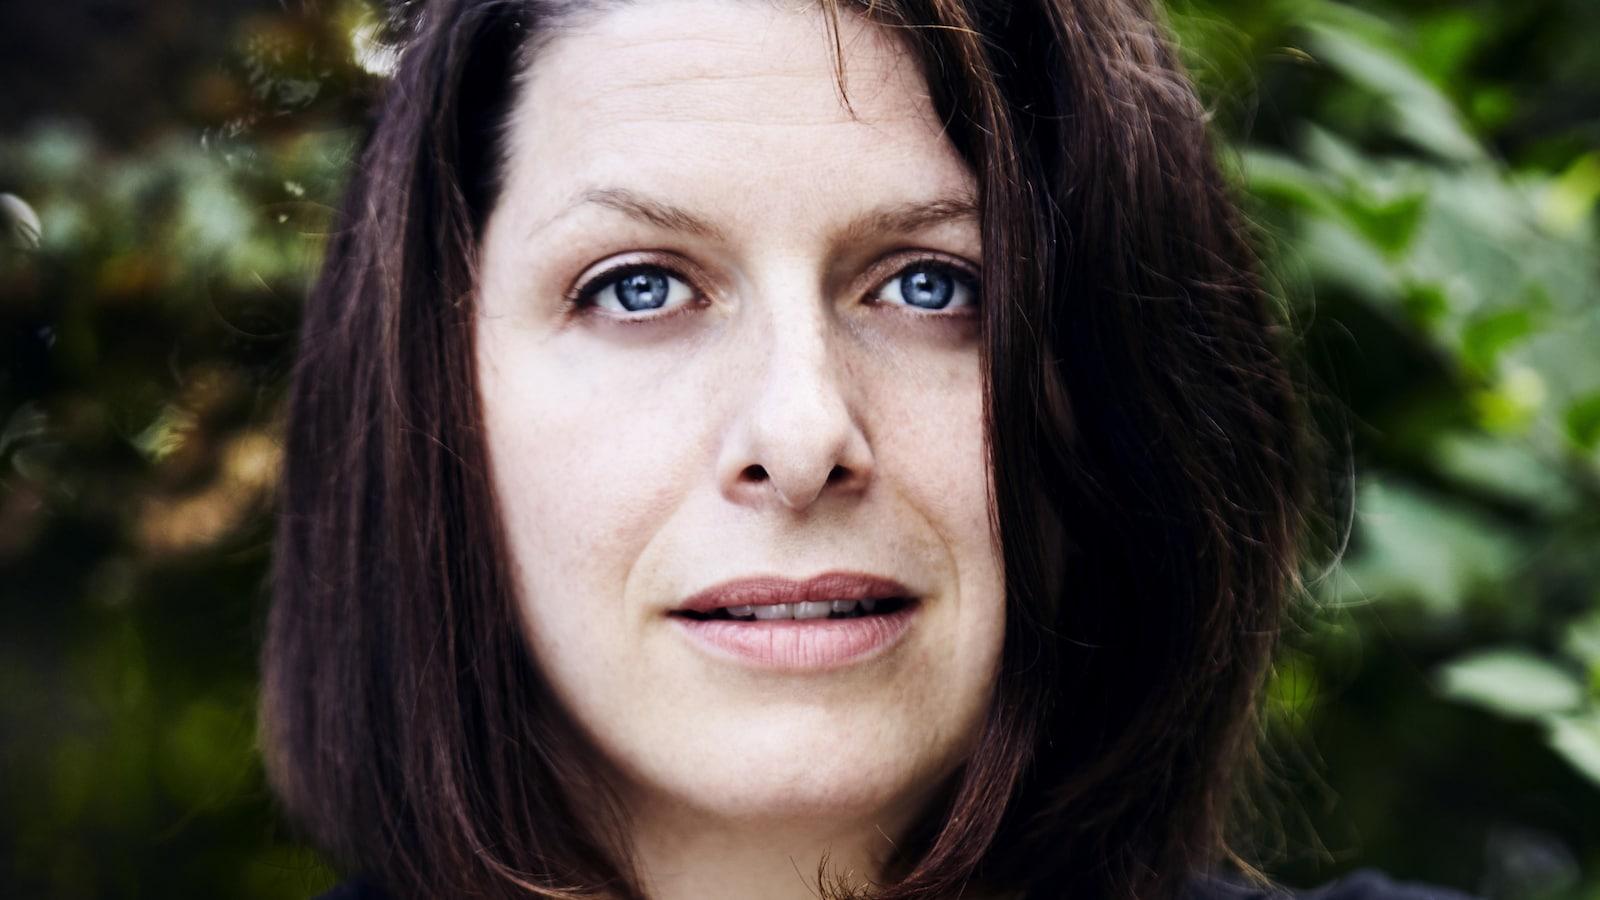 Portrait de la poète Marie-Hélène Voyer avec du feuillage vert en arrière-plan. Elle porte un t-shirt noir décolleté à manches courtes et des cheveux auburn au carré sous le menton.